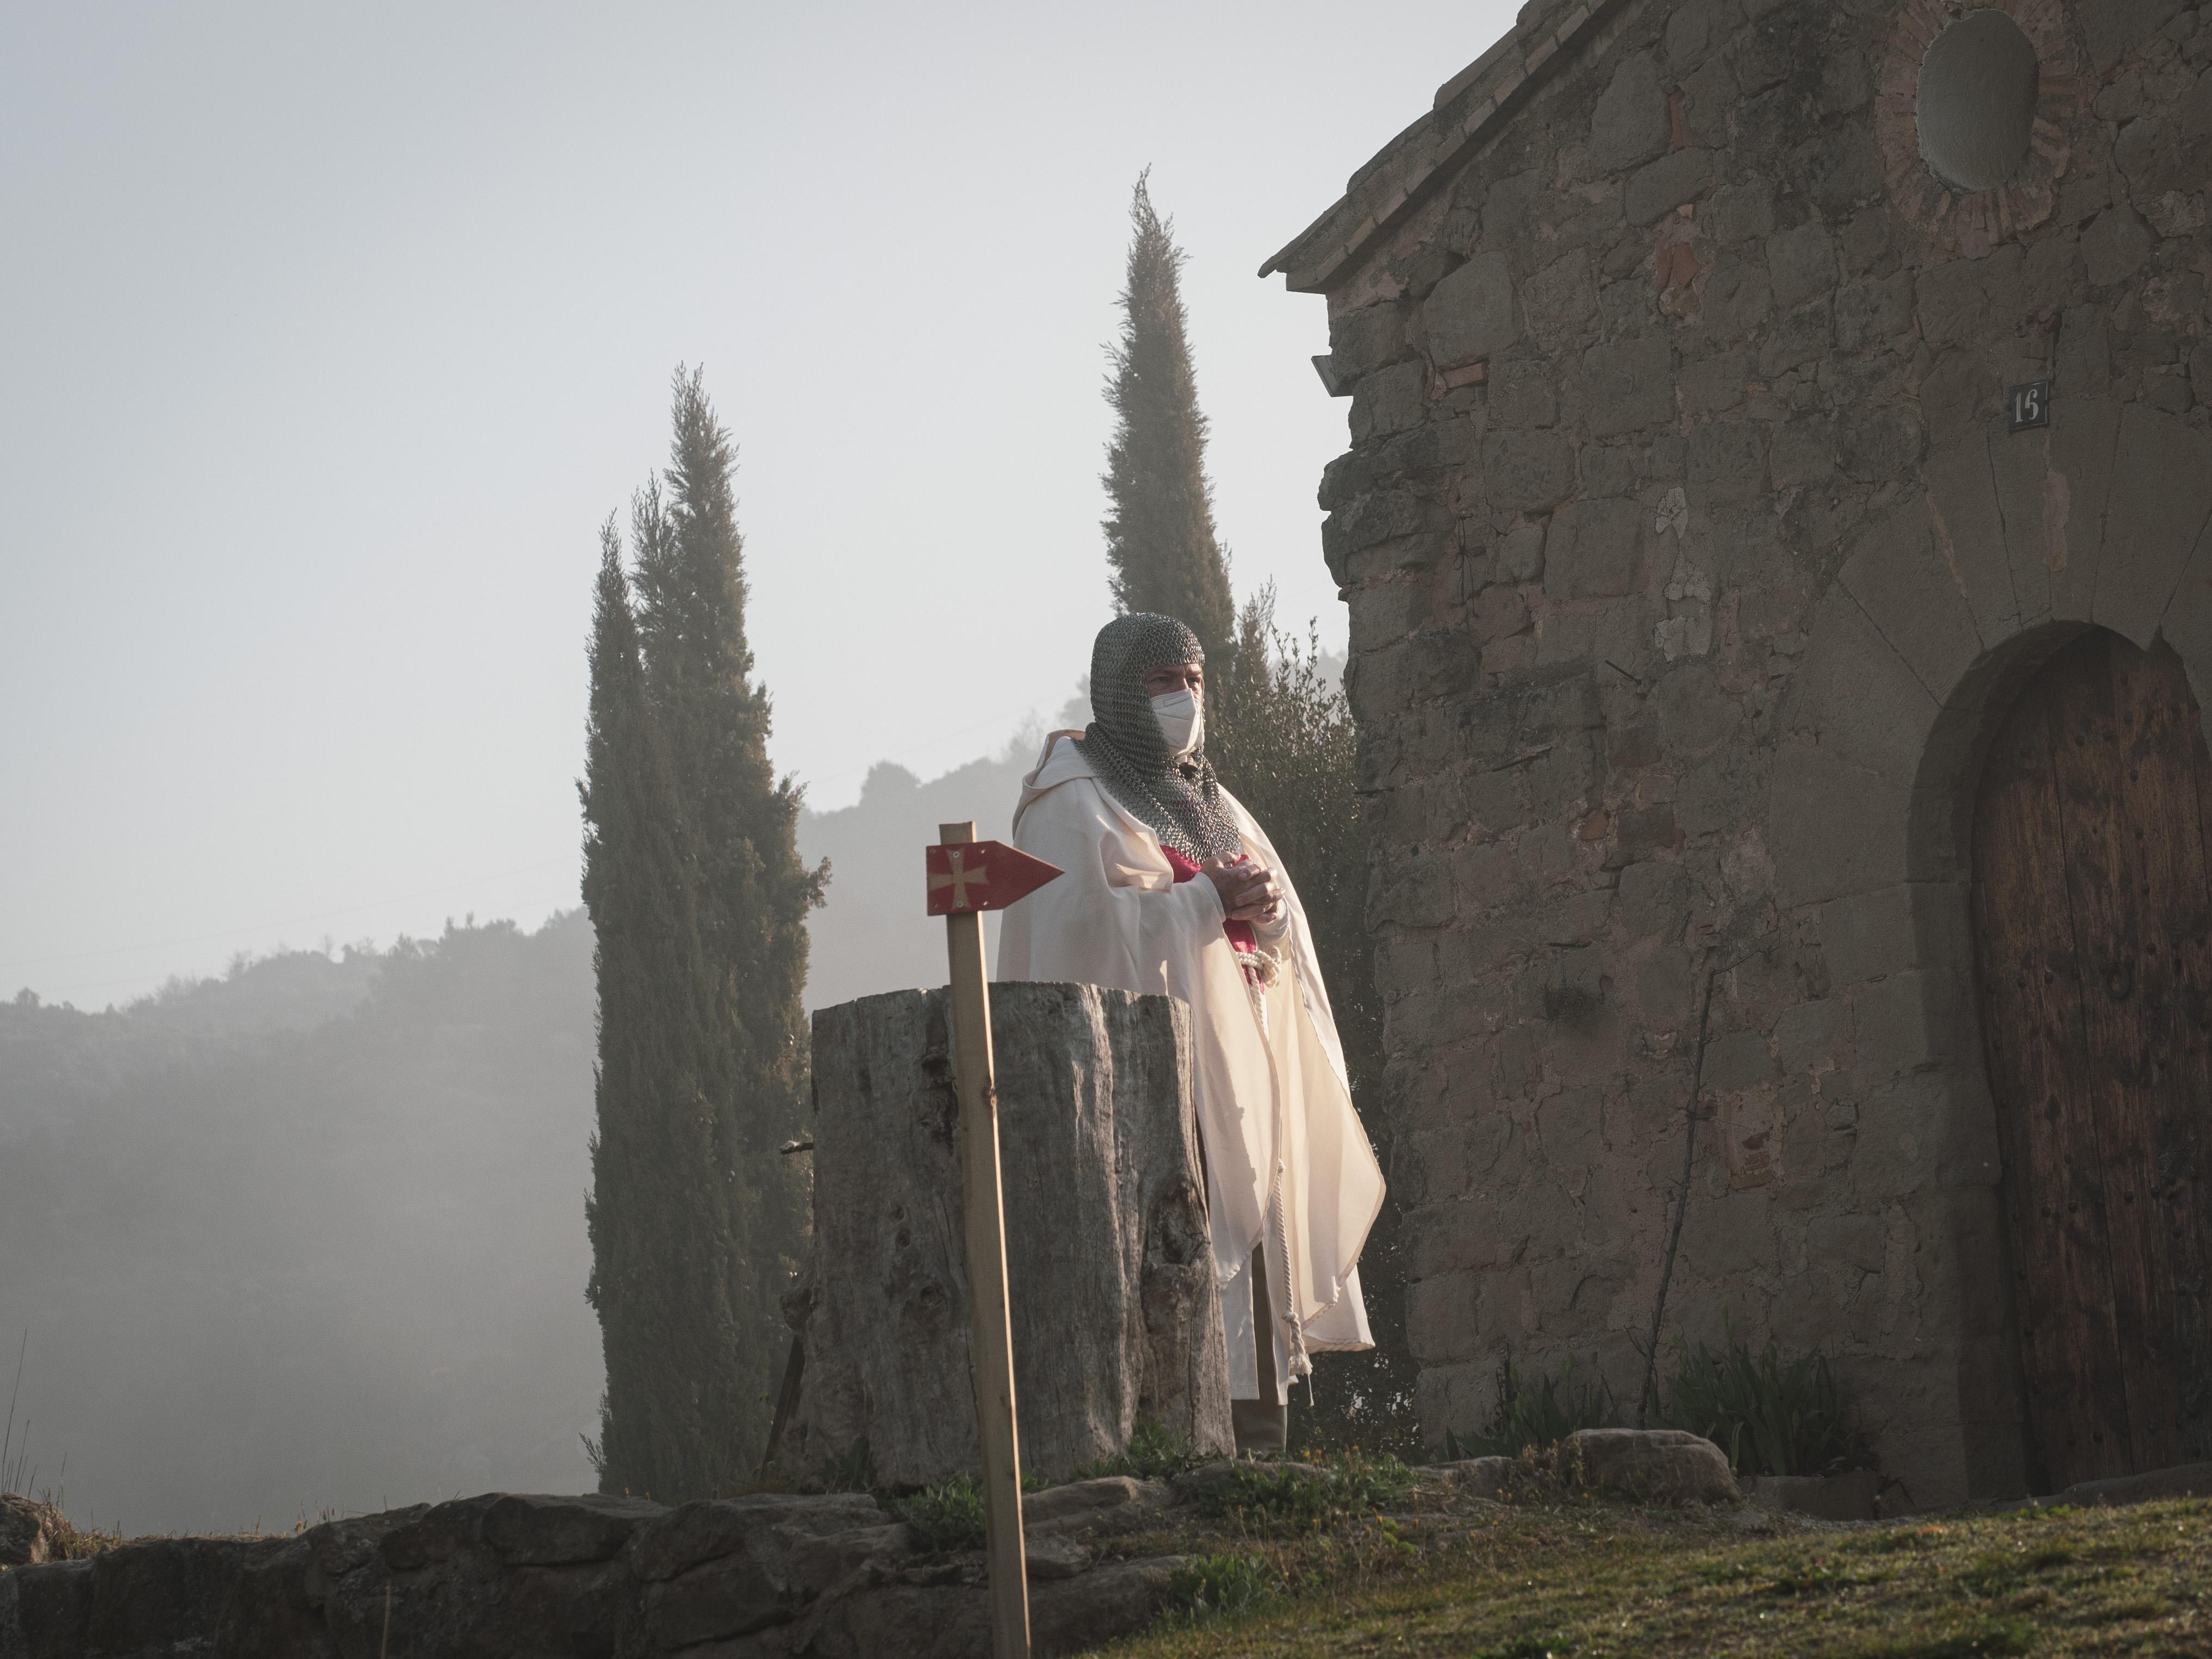 Un cavaller templer espera el pas dels participants de la Pugo Regis Trail a Casa Periques de Puig Reig. FOTO: Anna E. Puig